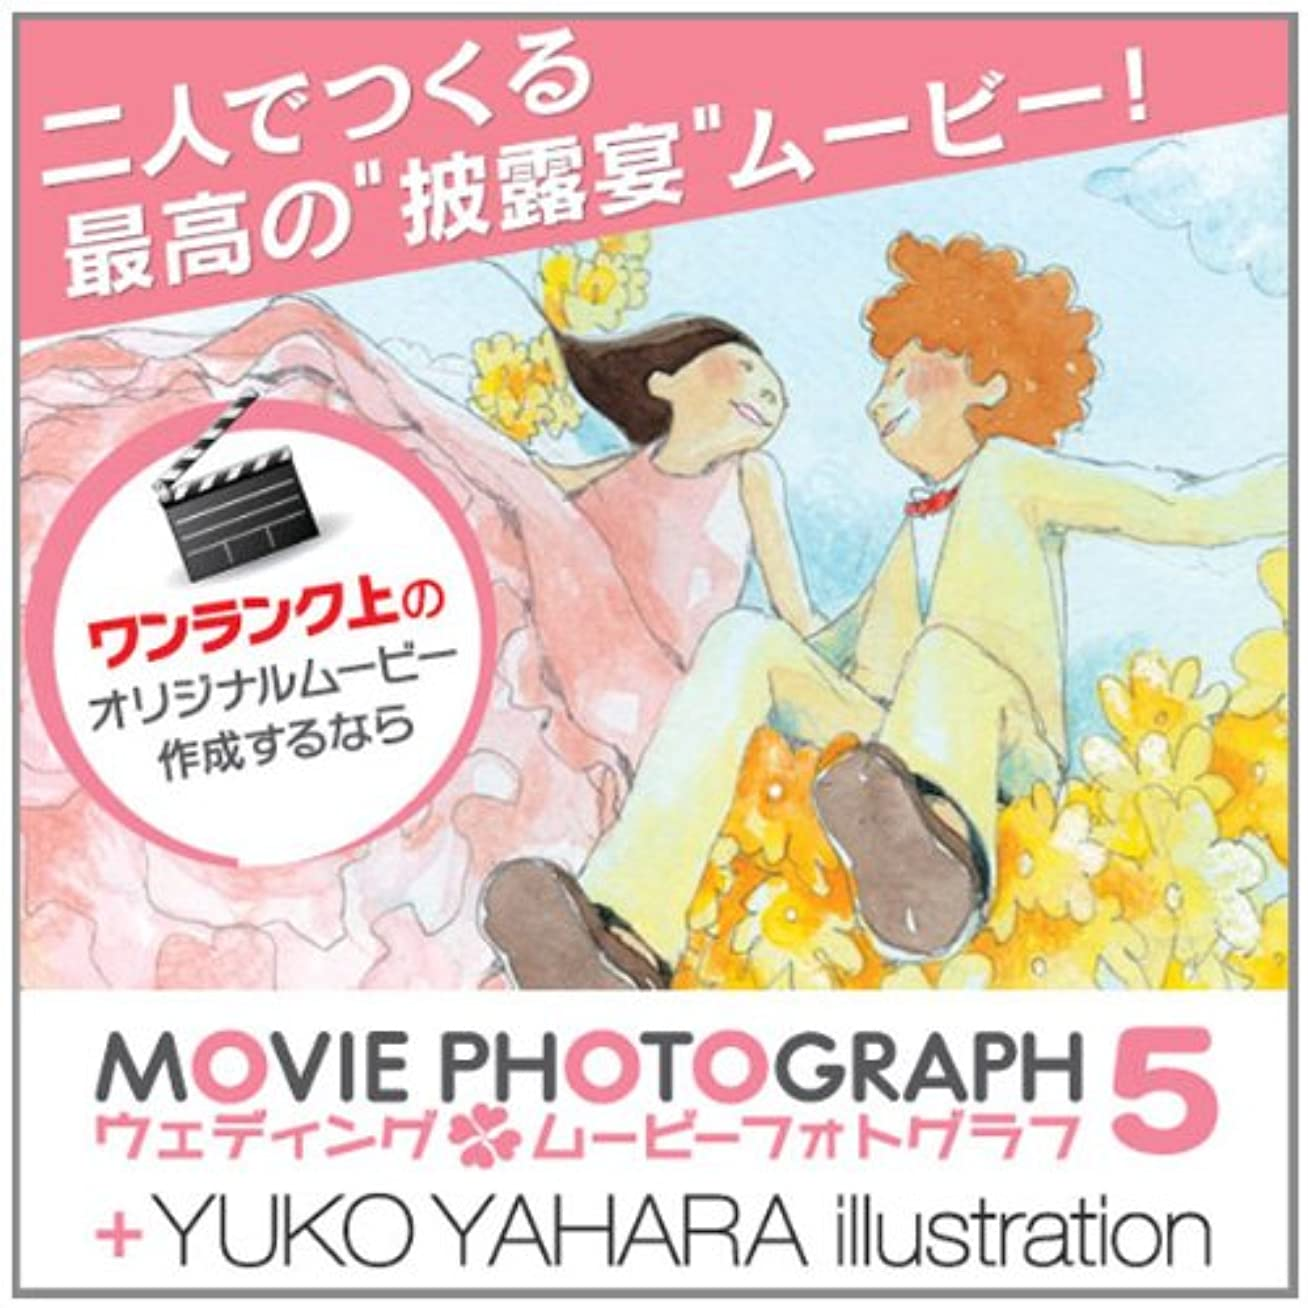 農業冊子オピエートWedding MOVIE PHOTOGRAPH 5 + YUKO YAHARA illustration  [ダウンロード]